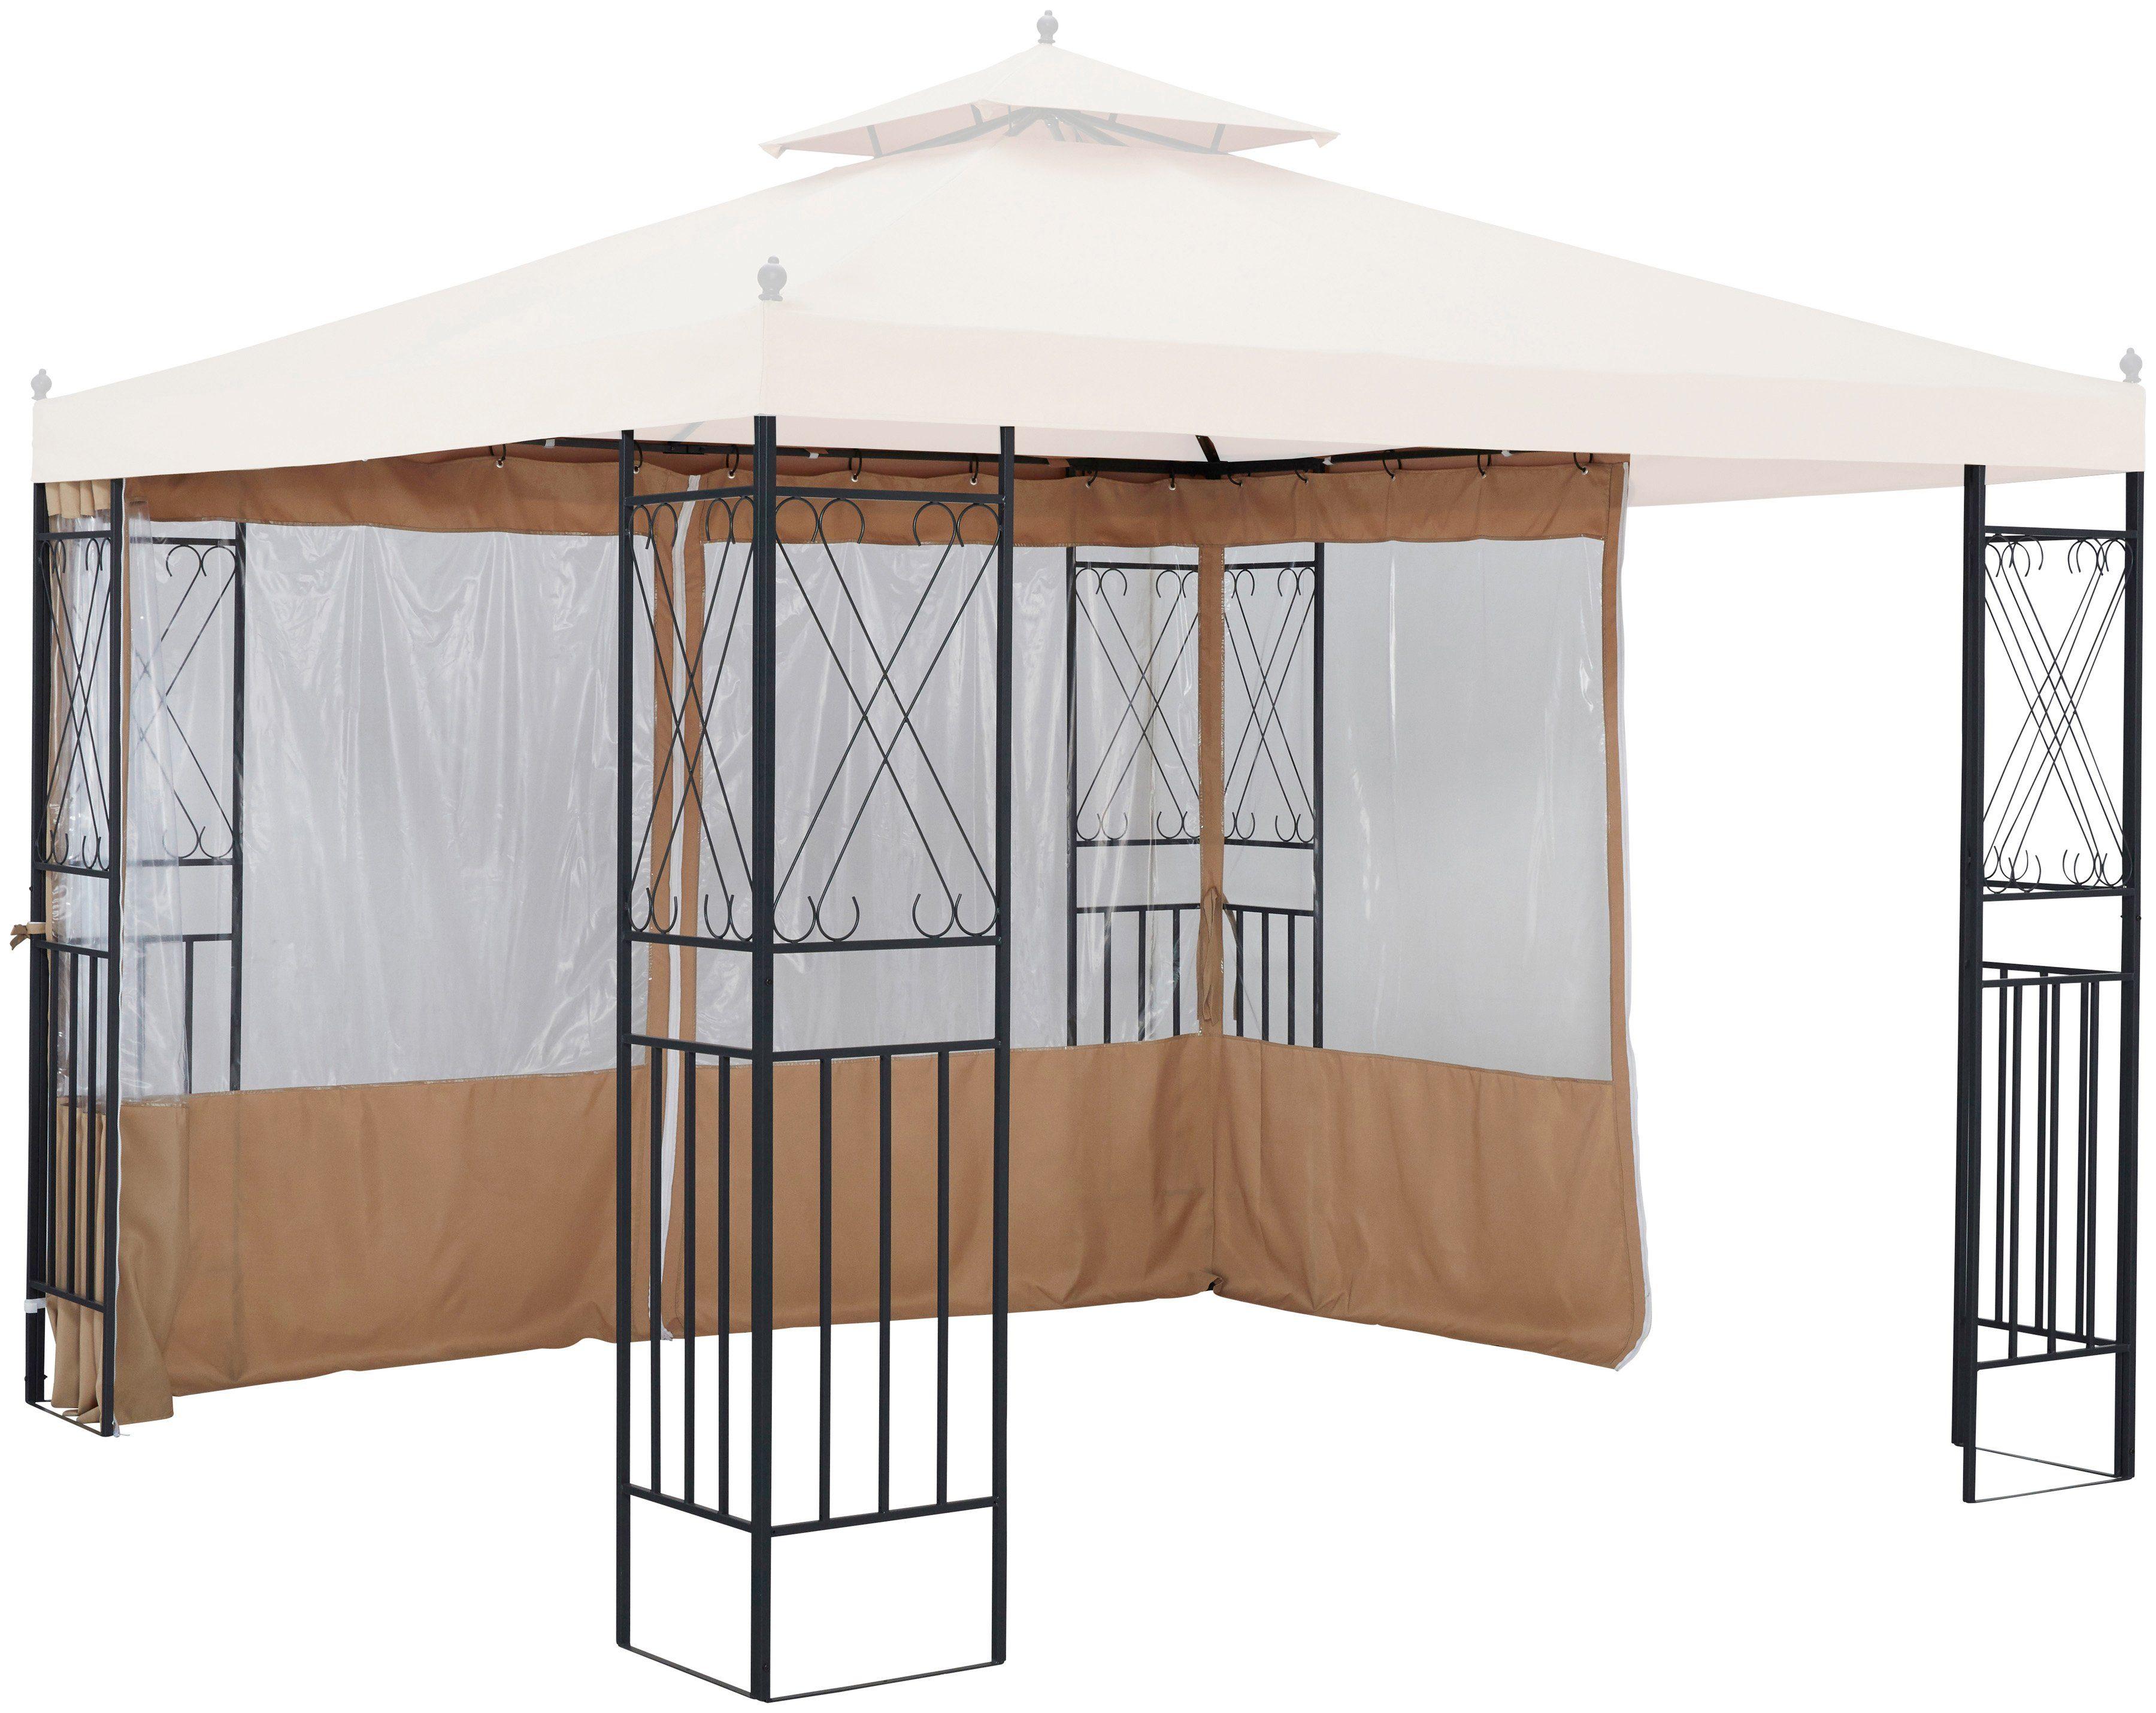 Seitenteile für Pavillon »Royal«, für 3x3 m, 2 Stk., mit Fenster